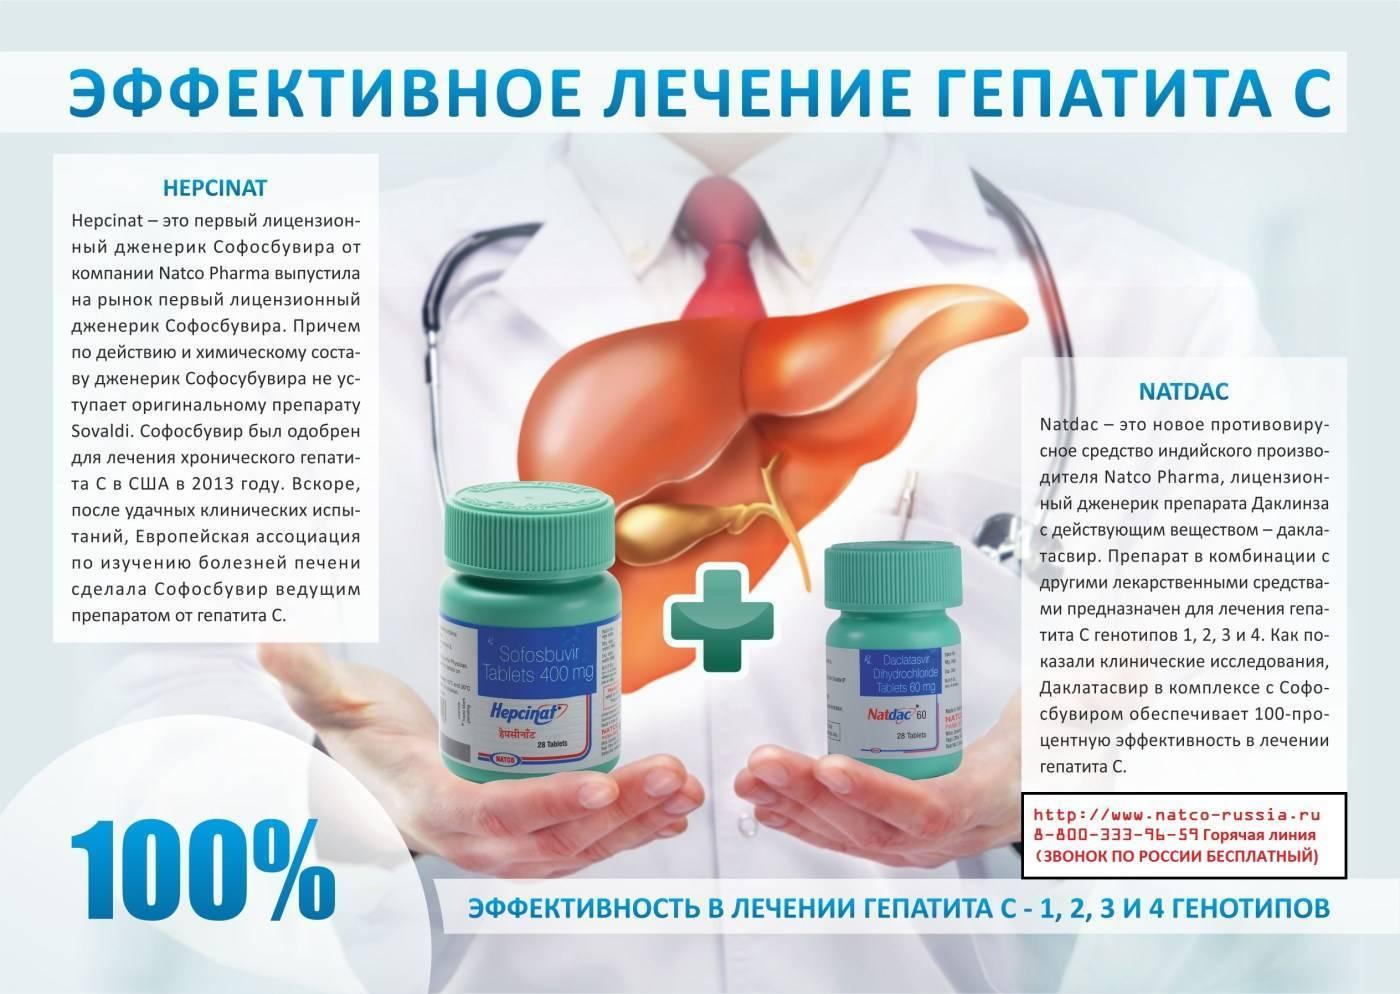 гепатит с лечение в домашних условиях